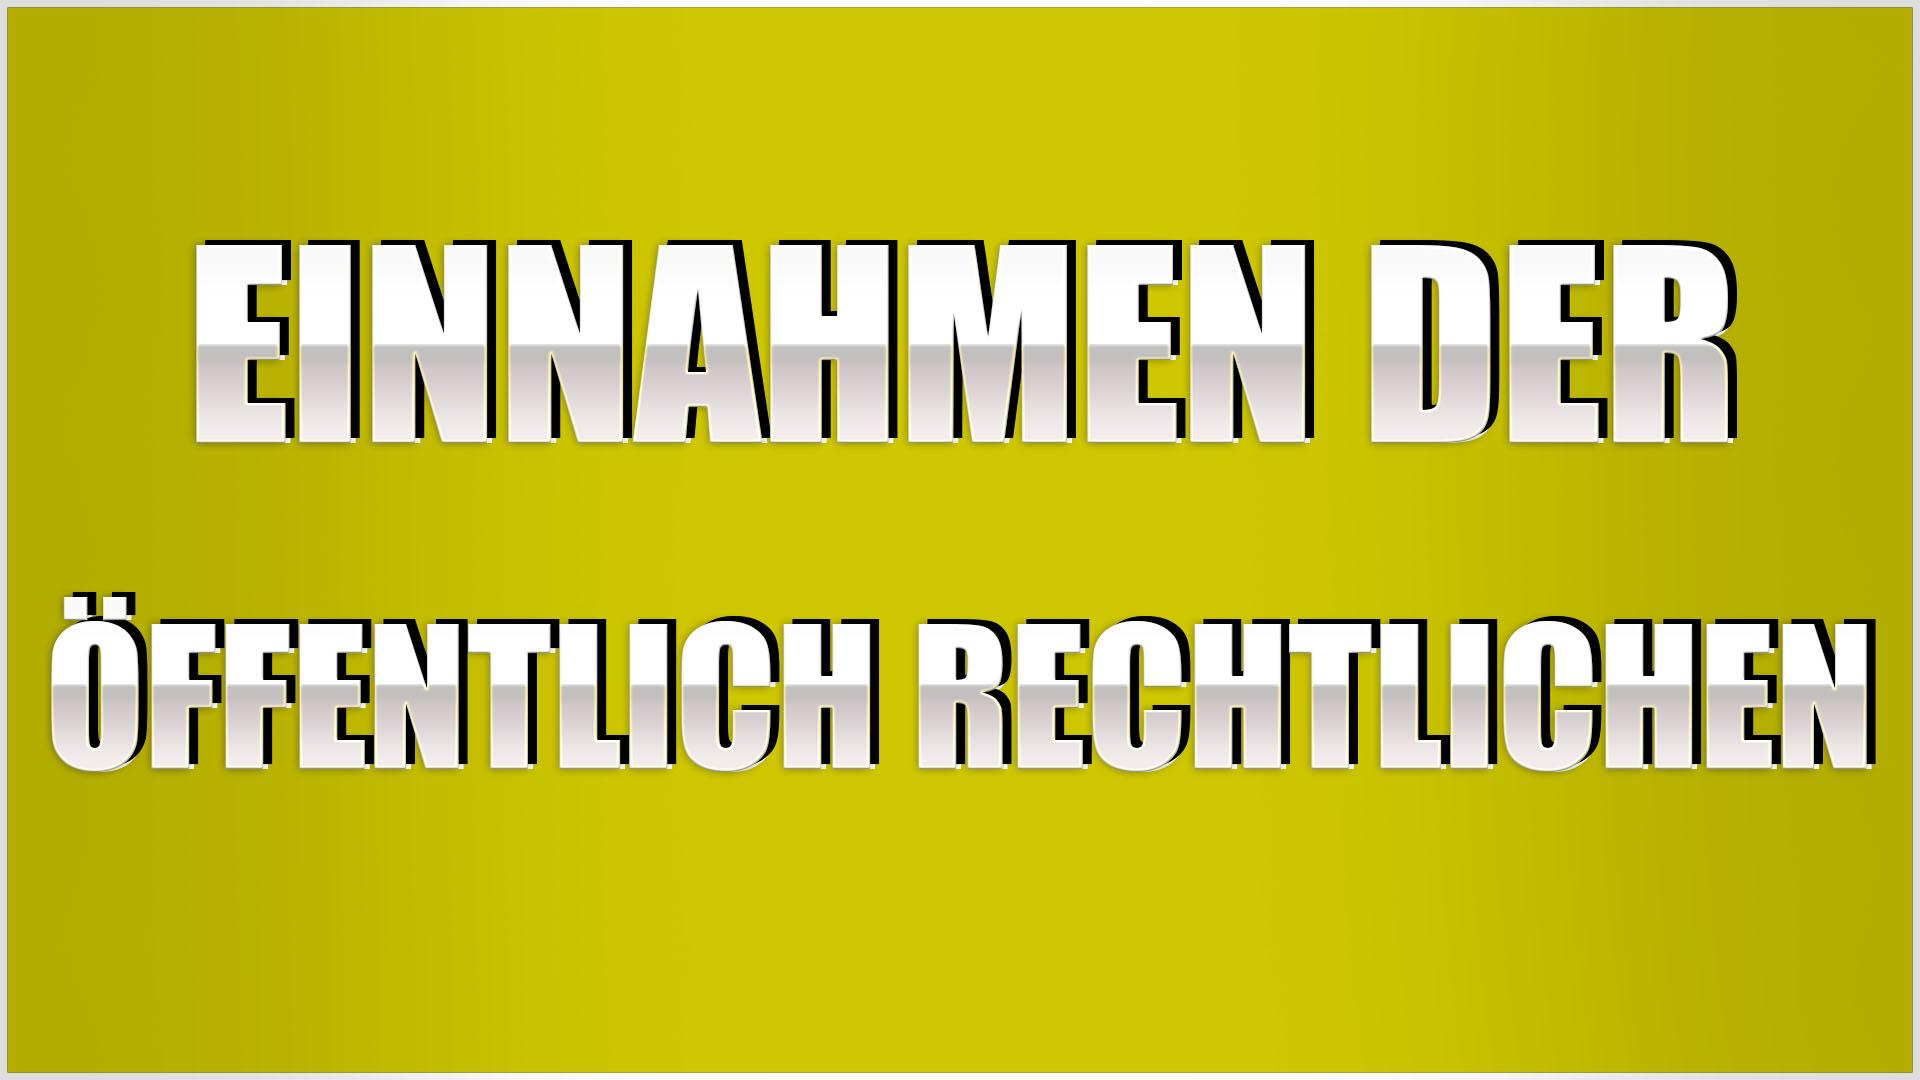 einnahmen der öffentlich rechtlichen medien deutschland